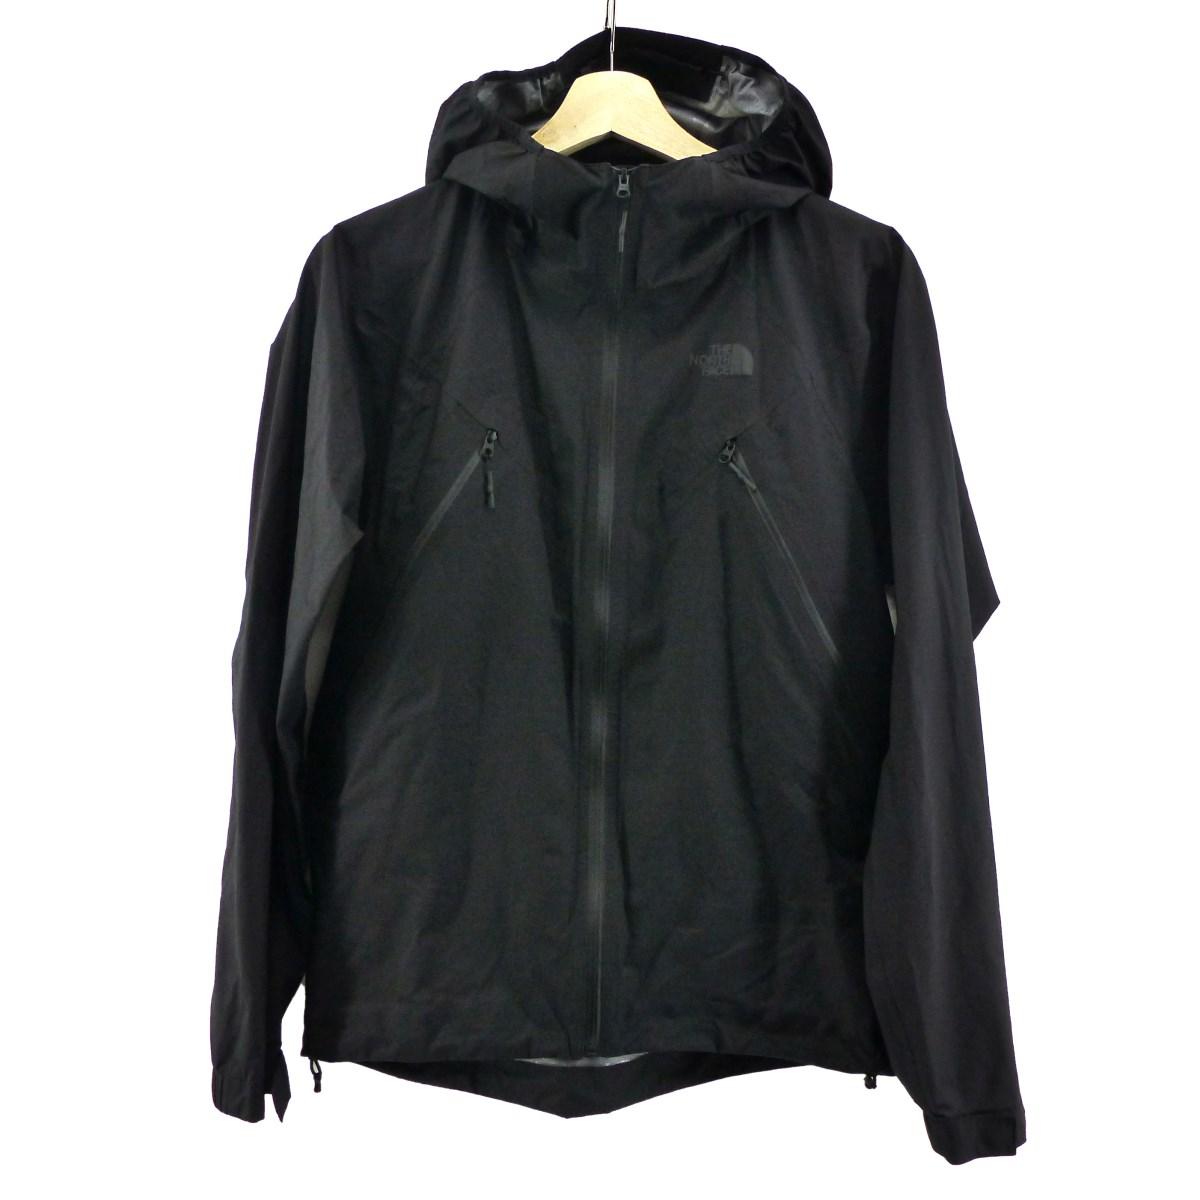 【中古】THE NORTH FACE Optimist Jacket ブラック サイズ:S 【180220】(ザノースフェイス)